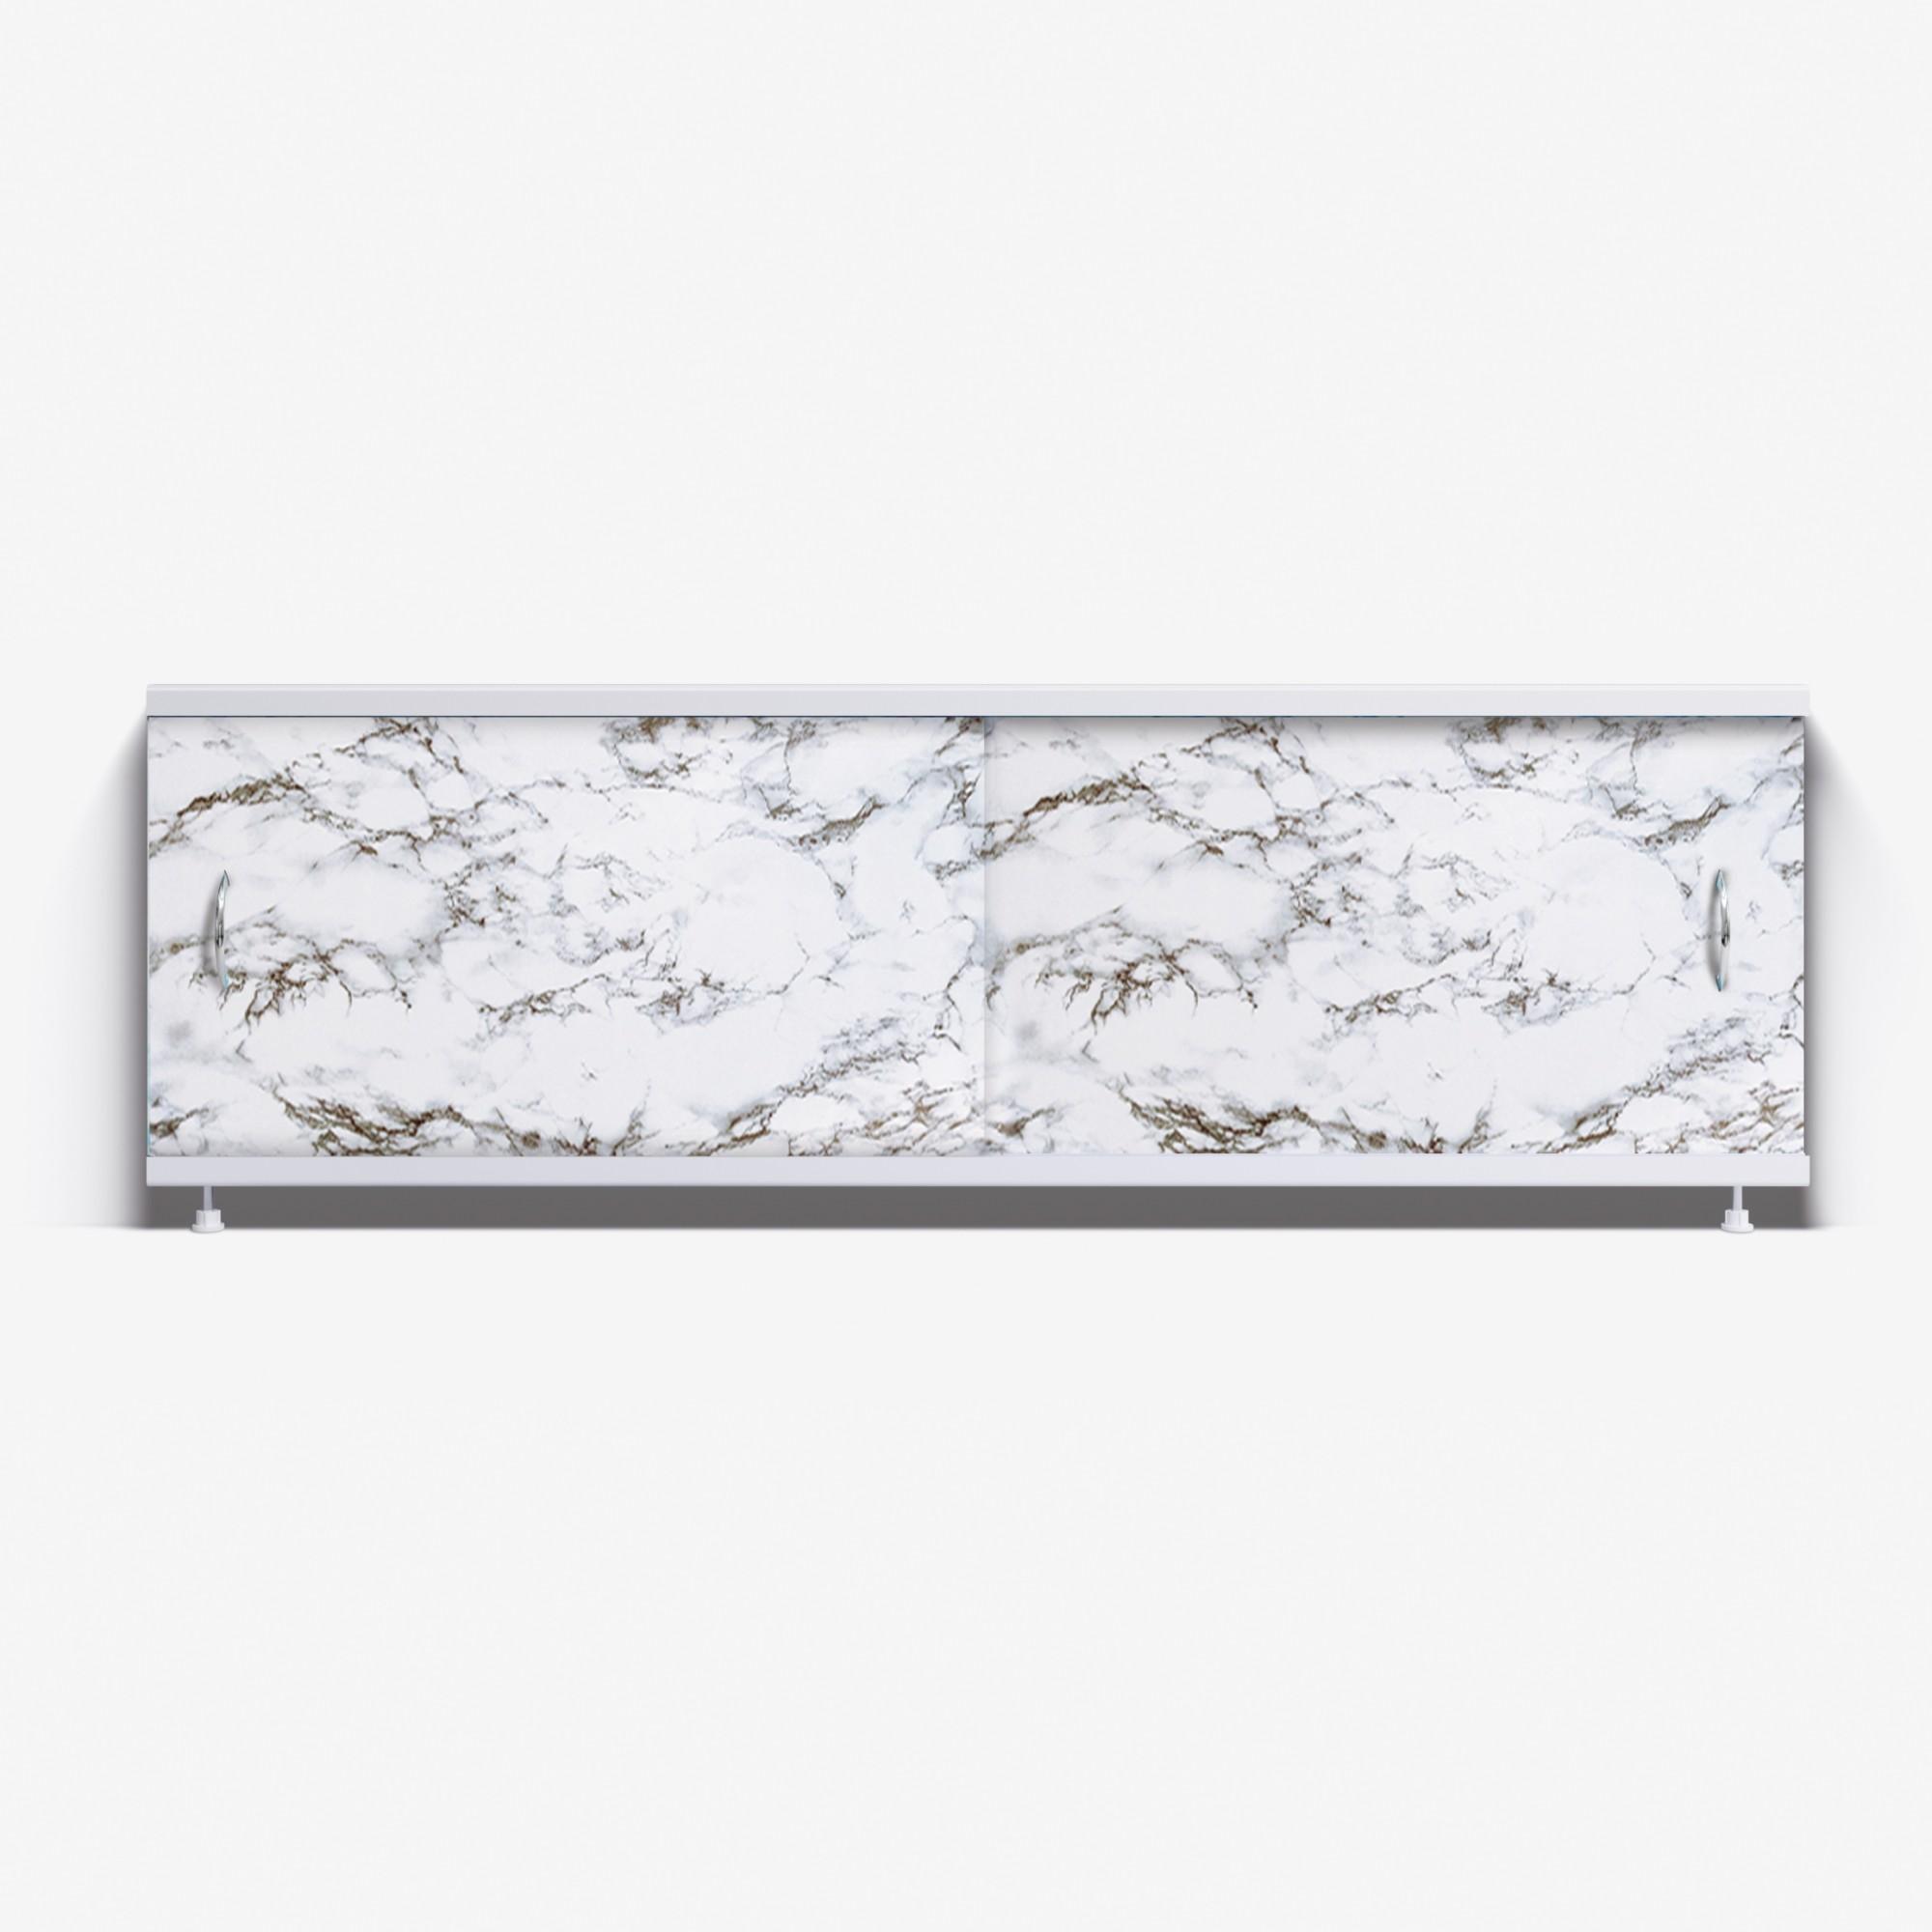 Экран под ванну Классик 170 черно-белый мрамор